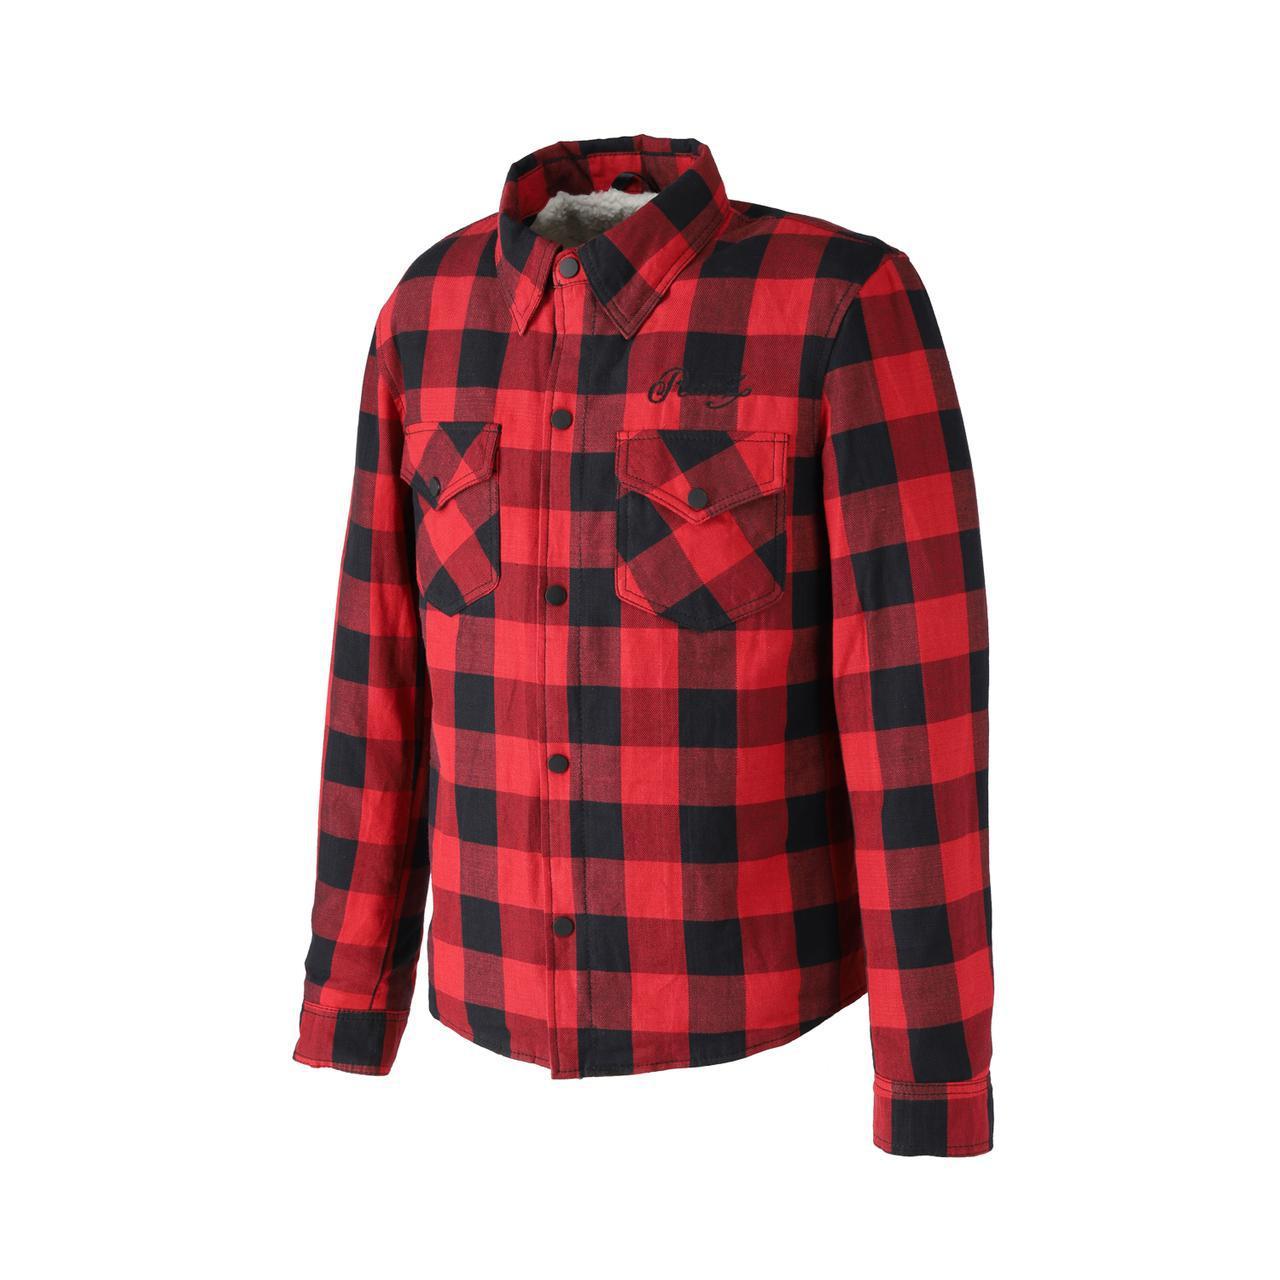 画像2: 裏地にボアが備わった冬用ネルシャツ! RIDEZから「モトフランネルシャツ」が発売